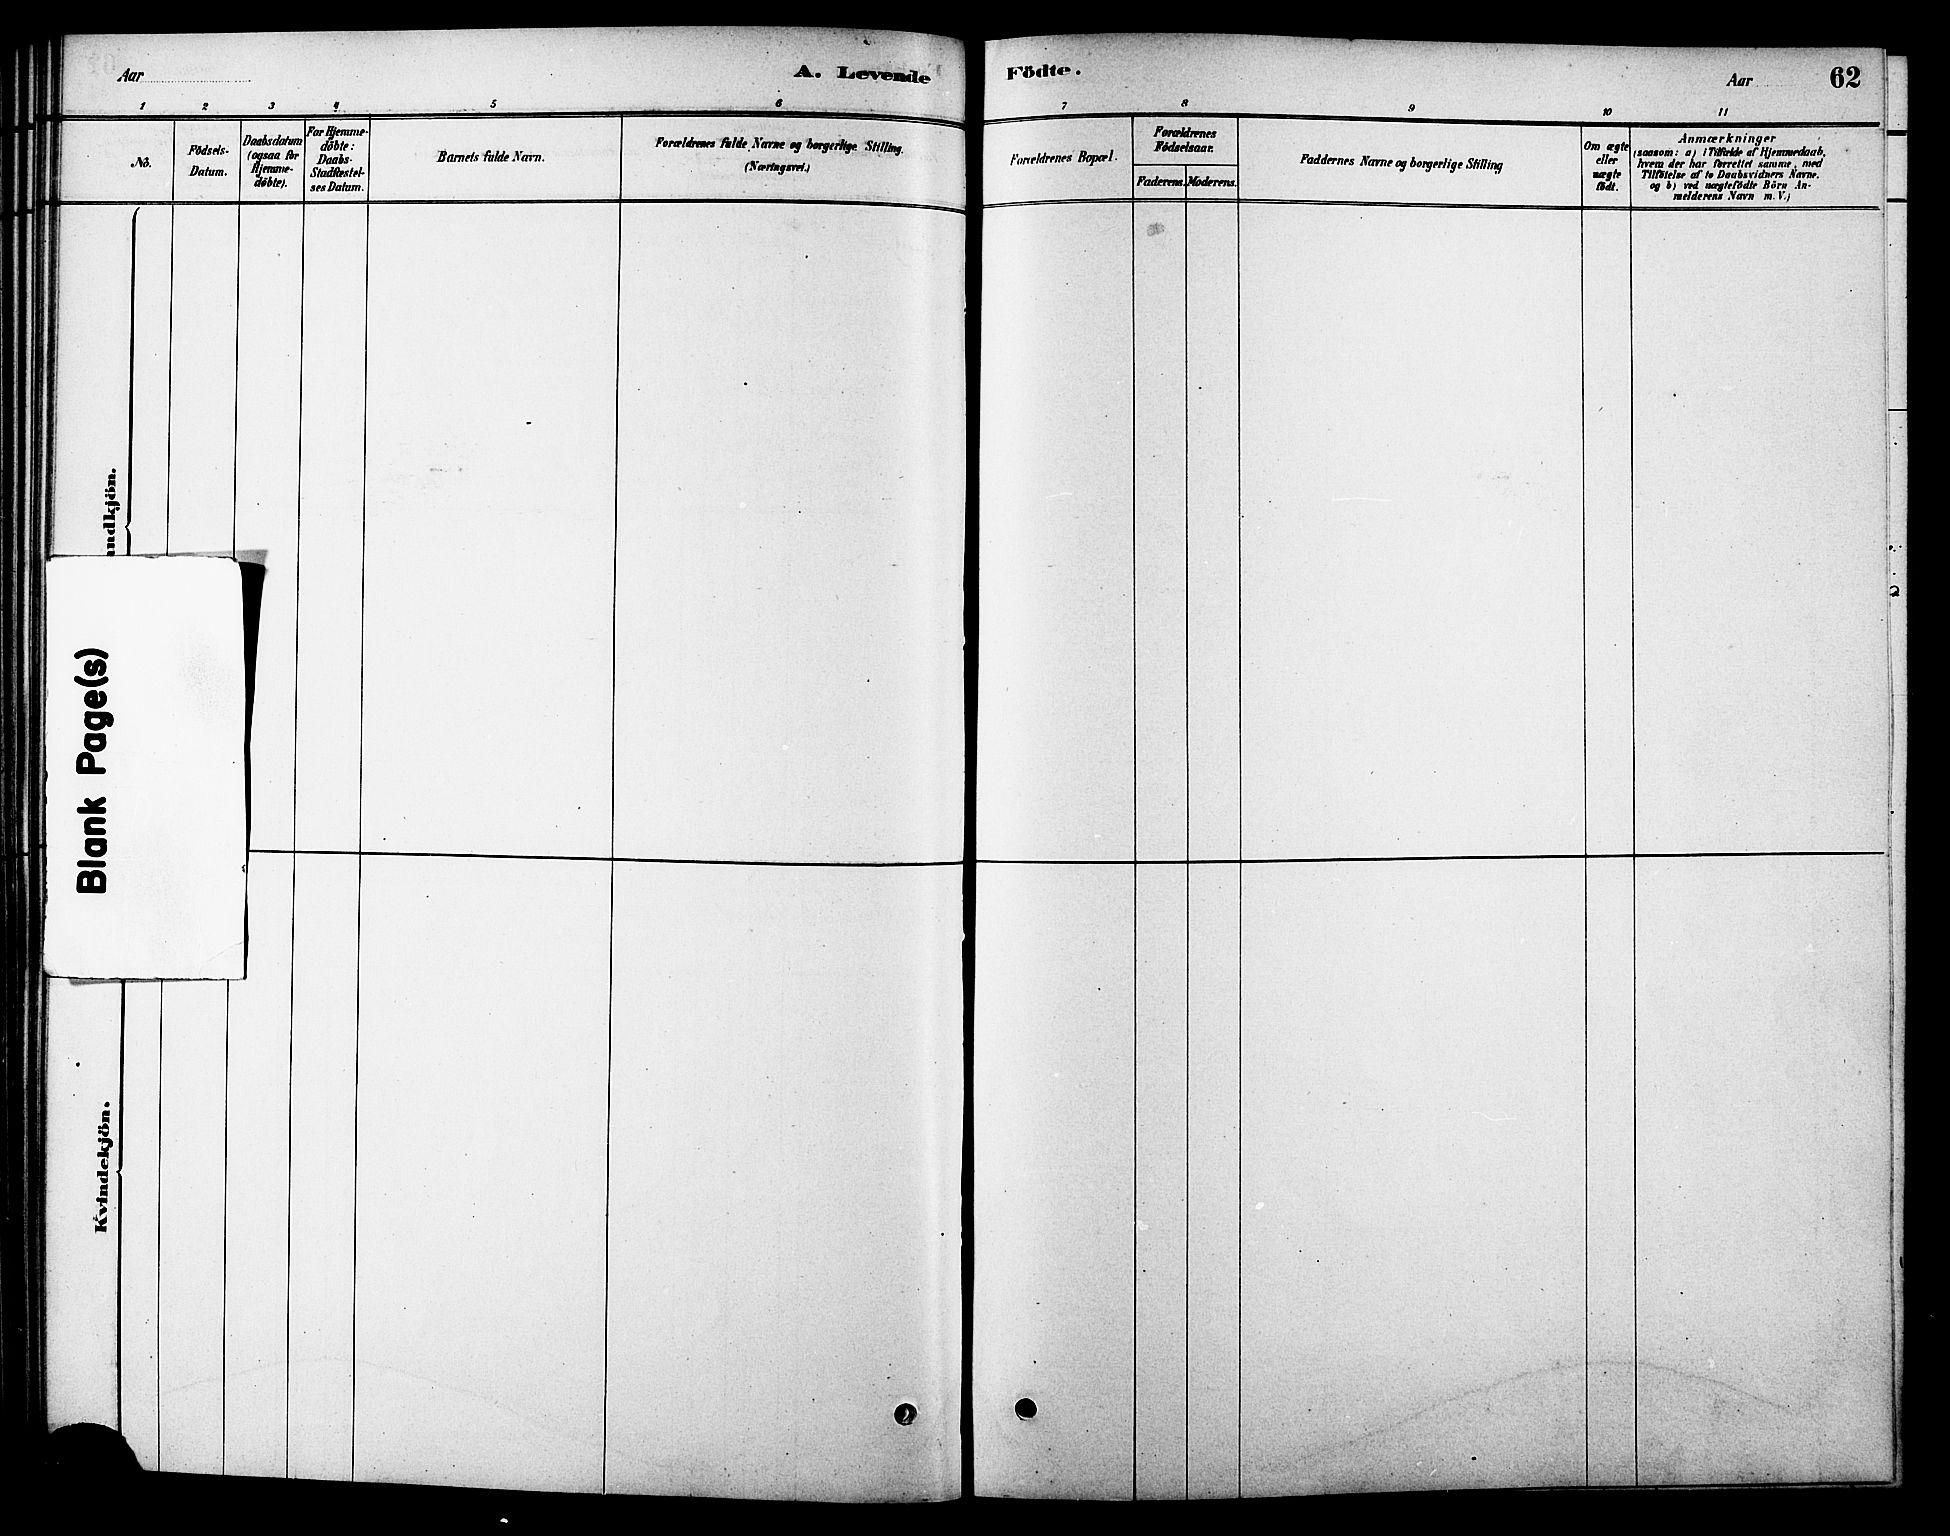 SAT, Ministerialprotokoller, klokkerbøker og fødselsregistre - Sør-Trøndelag, 688/L1024: Ministerialbok nr. 688A01, 1879-1890, s. 62